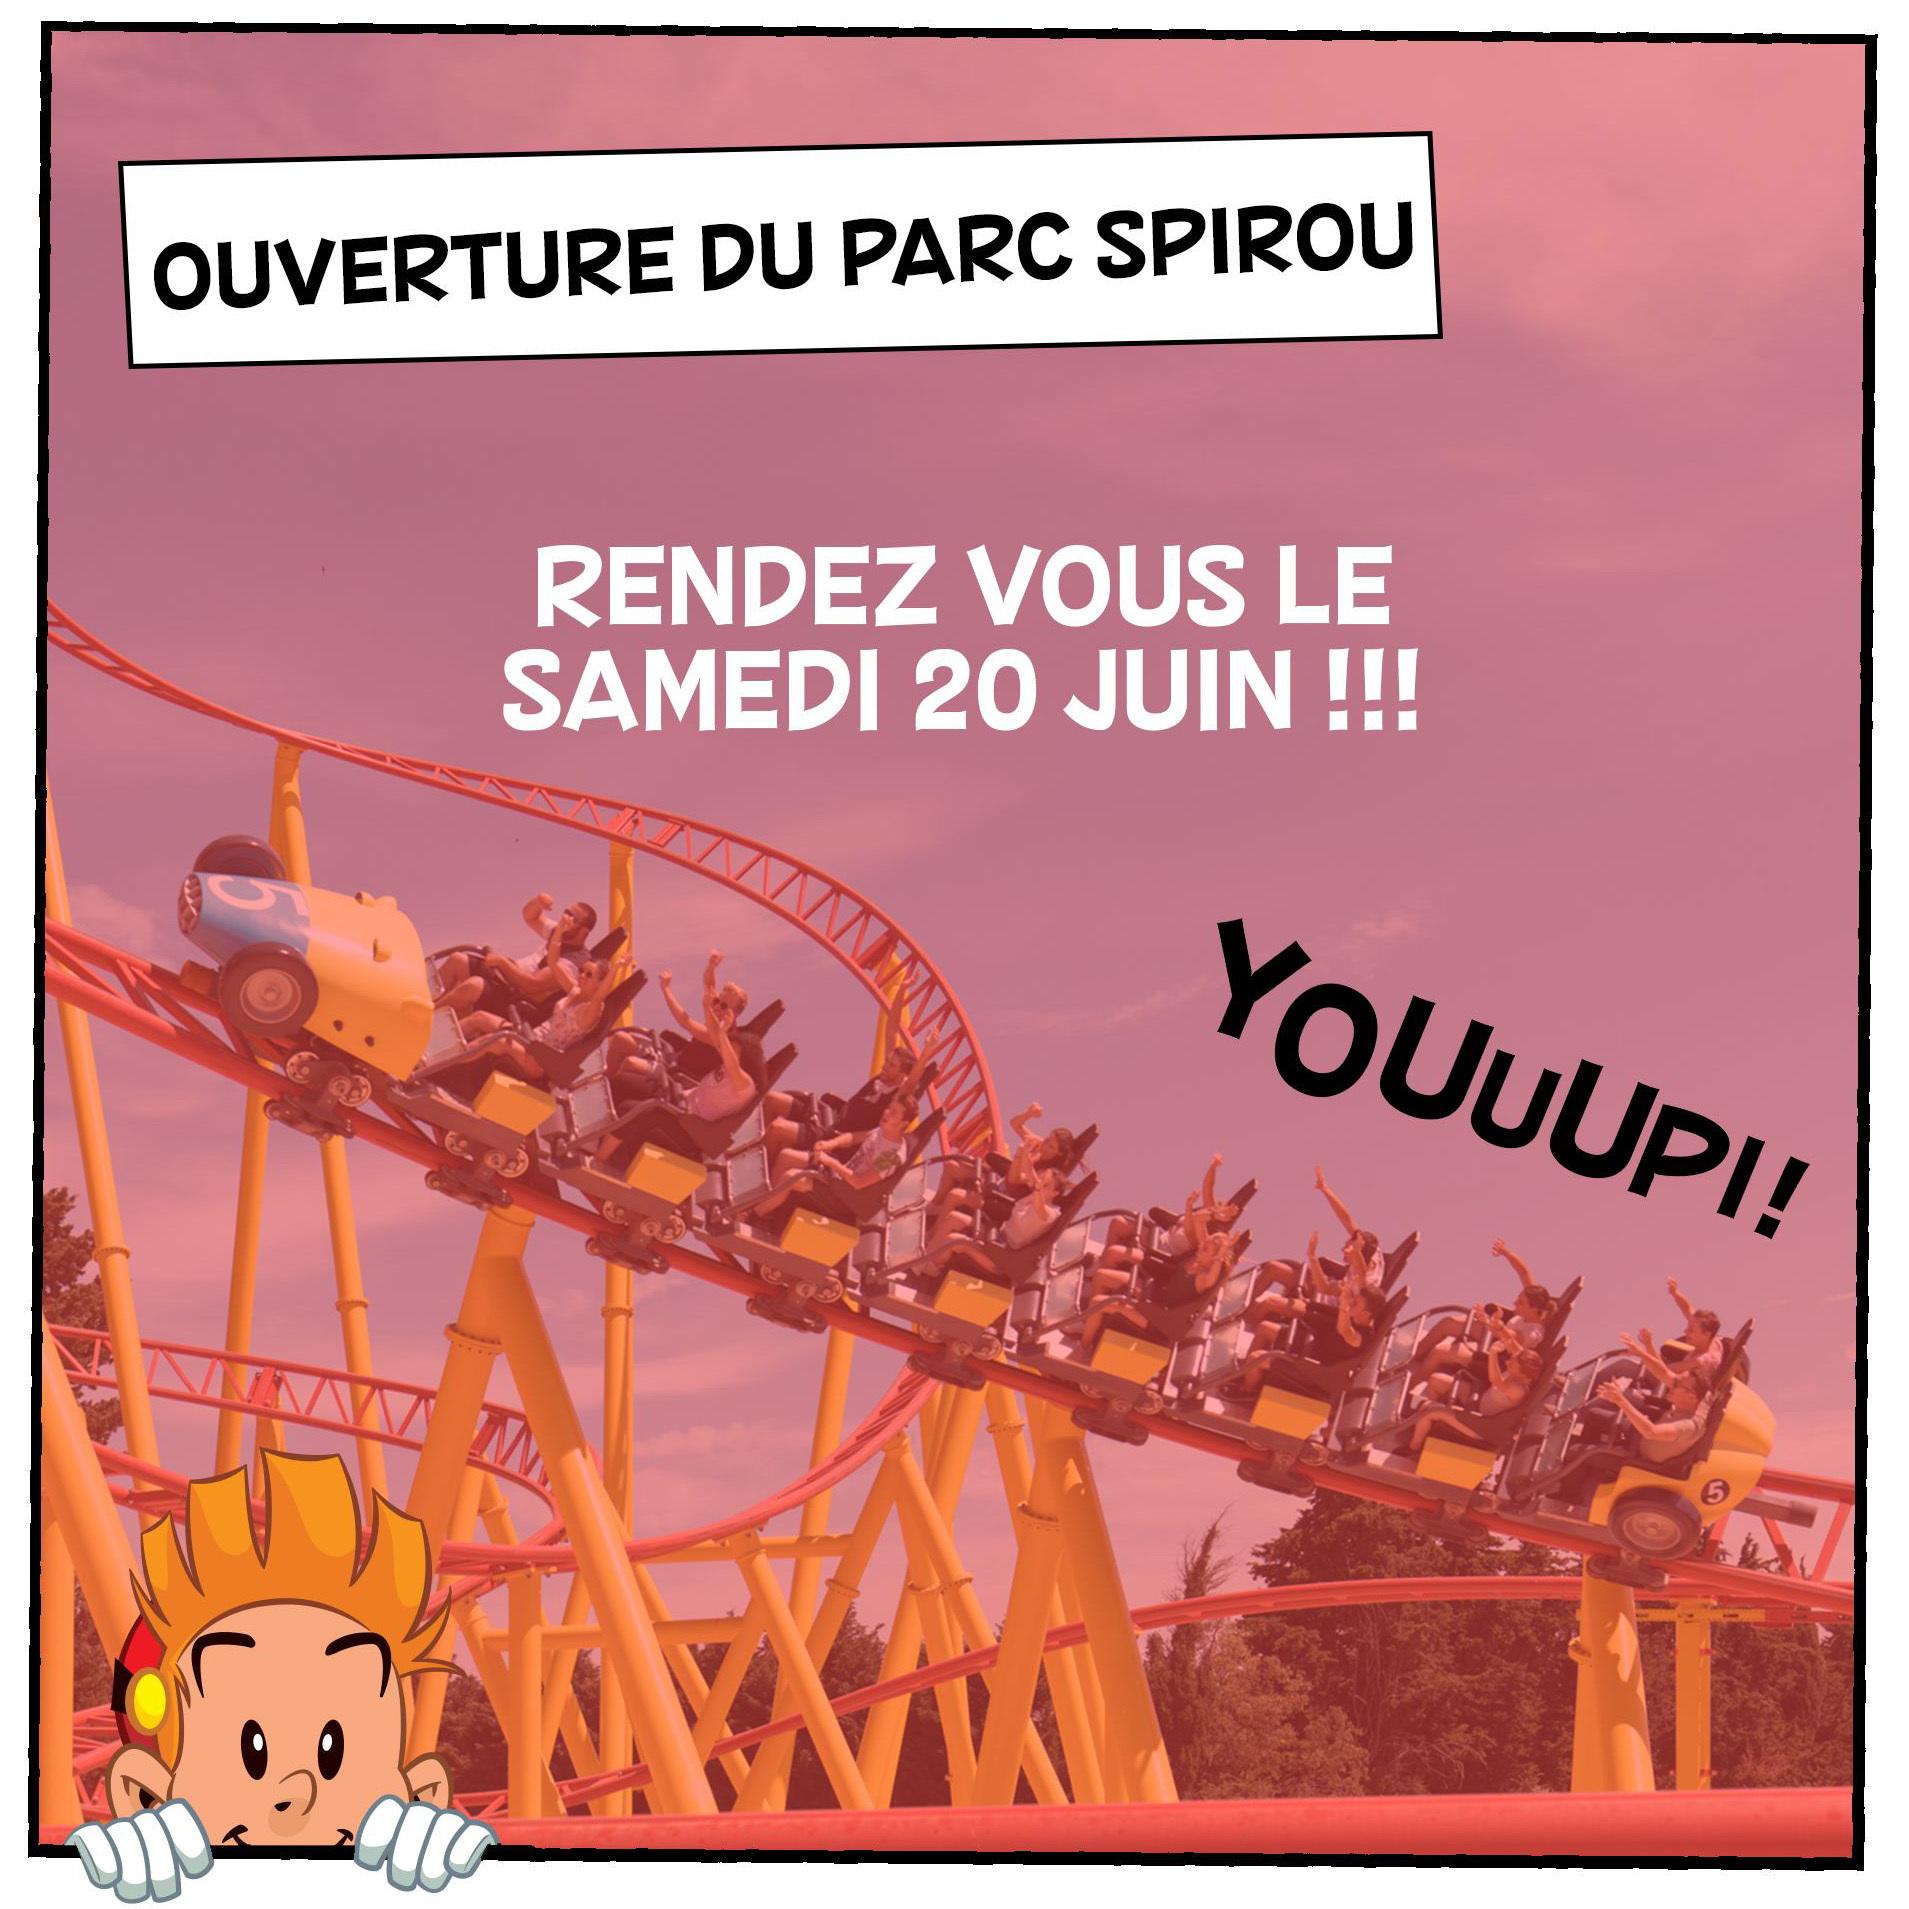 Nouvelle saison au Parc Spirou! - 0